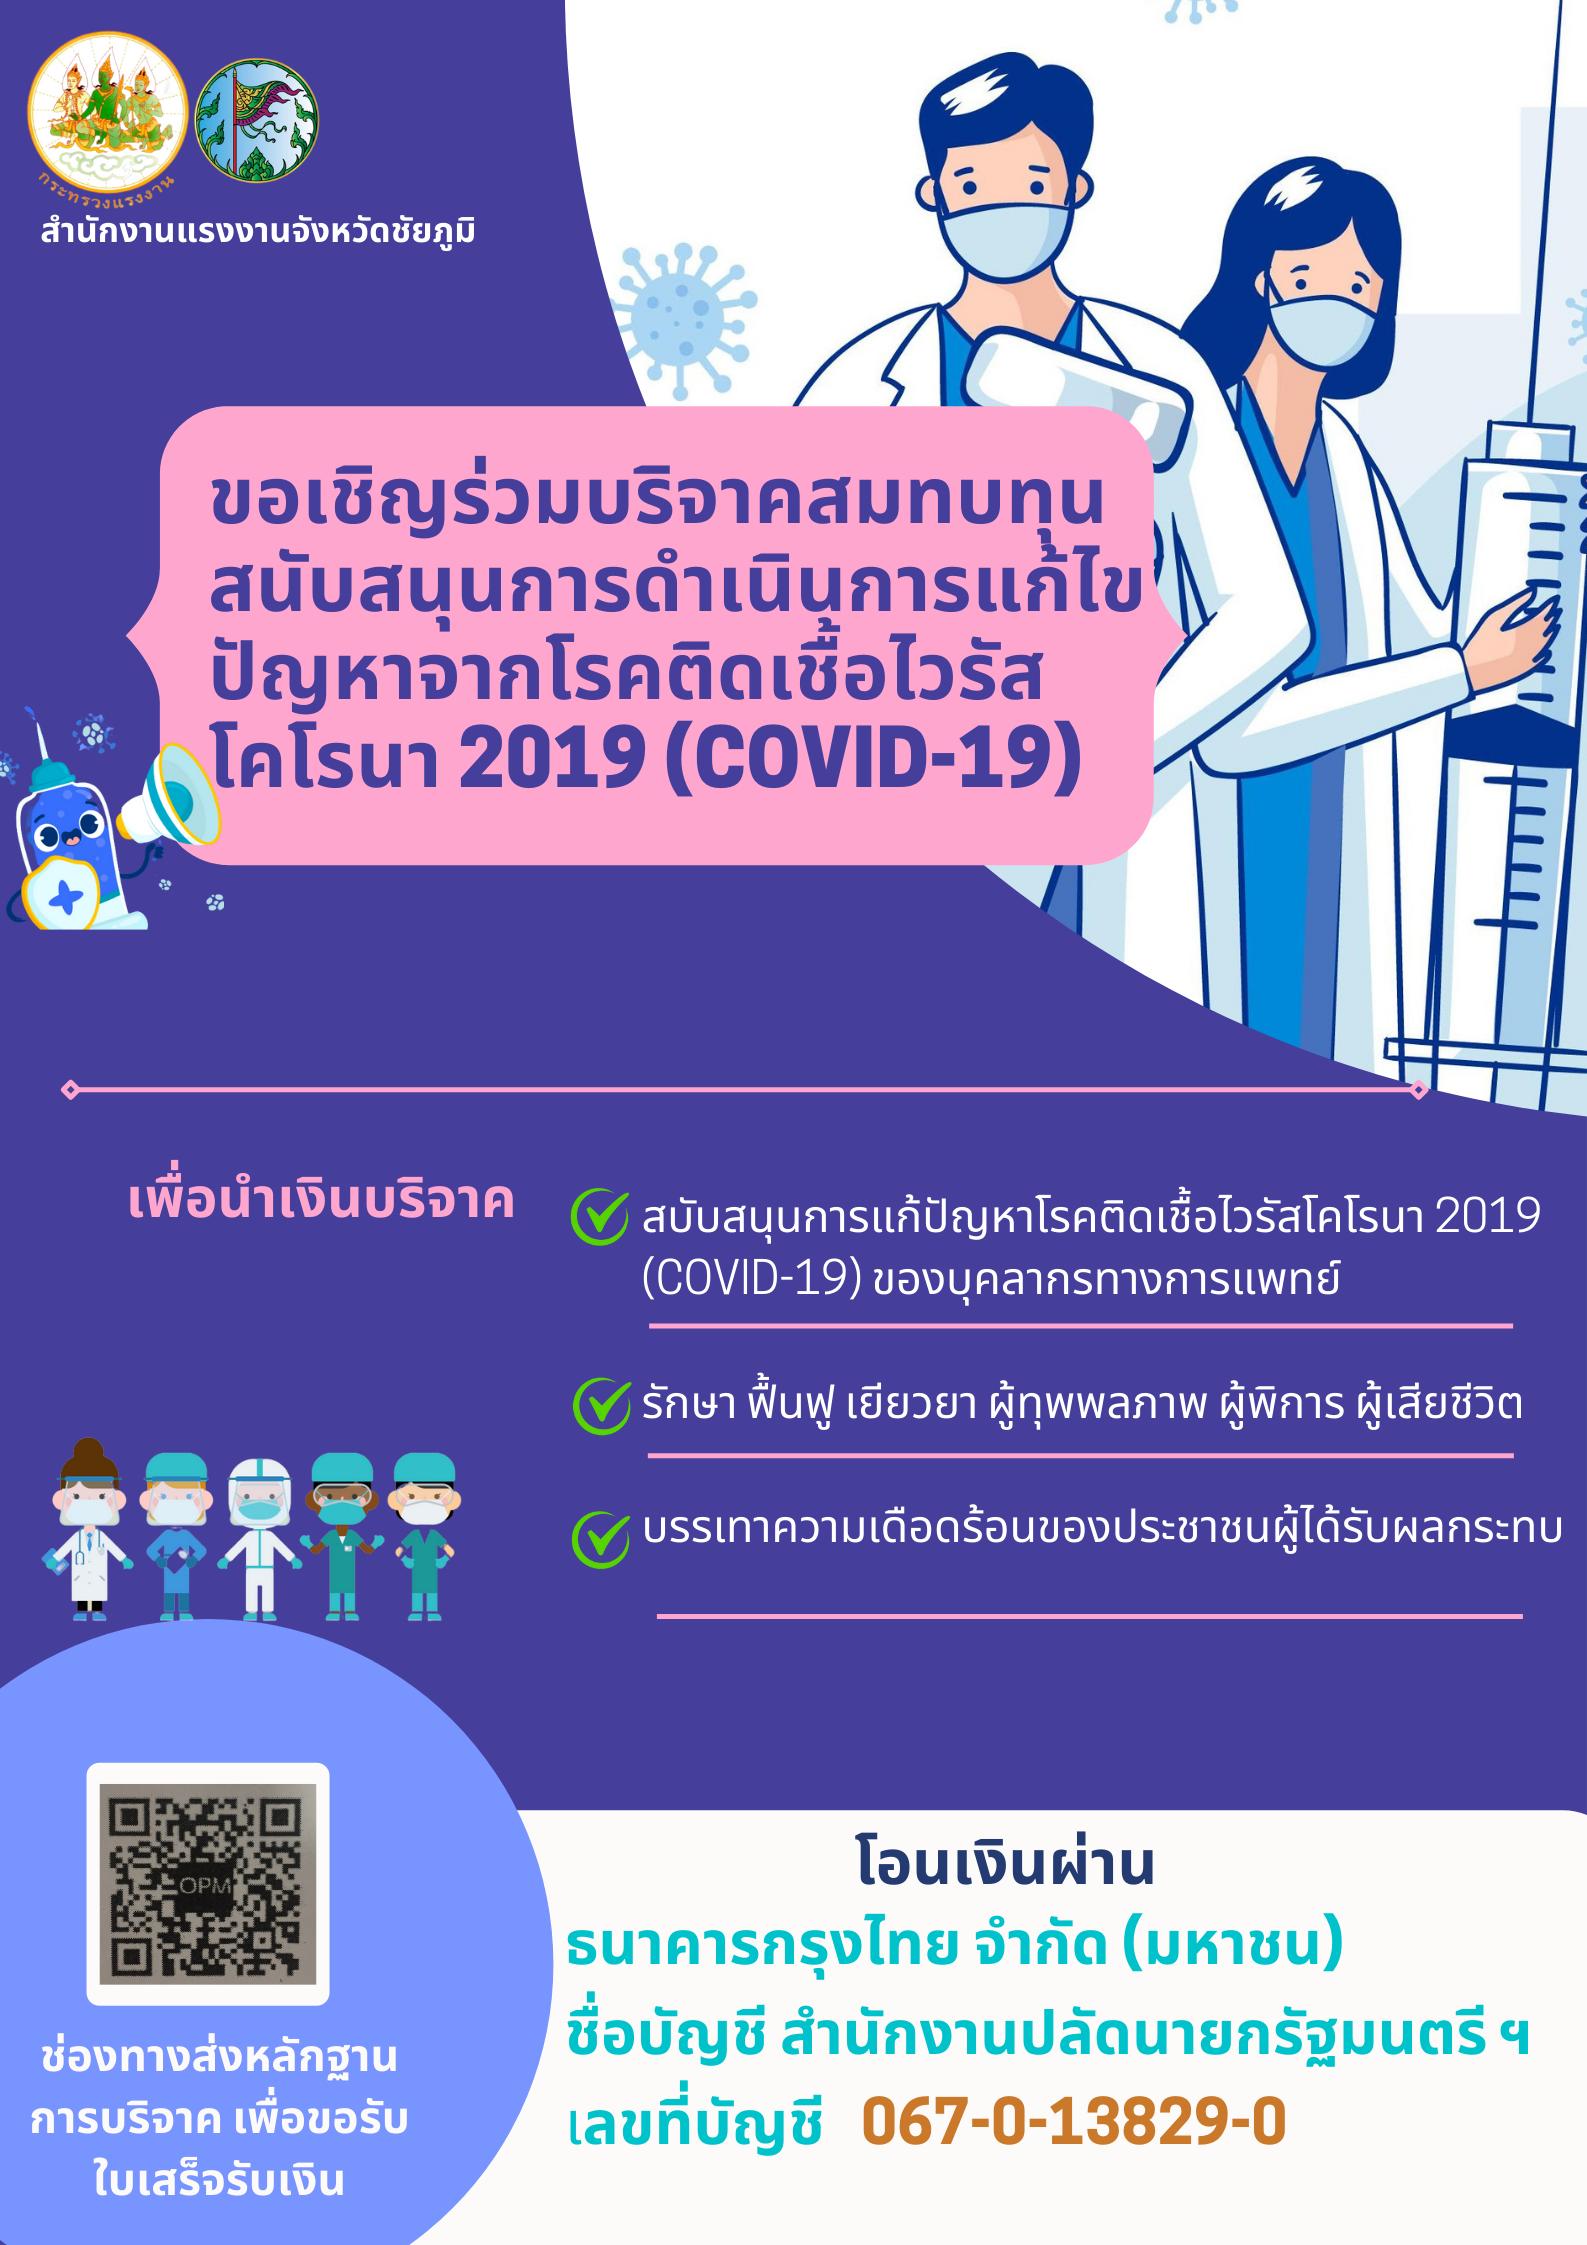 สำนักงานแรงงานจังหวัดชัยภูมิขอเชิญร่วมบริจาคเงินหรือทรัพย์สินในการสนับสนุนการปฏิบัติภารกิจเกี่ยวกับการป้องกัน การแพร่ระบาดของโรคติดเชื้อไวรัสโคโรนา 2019 (COVID – 19) ของบุคลากรณ์ทางการแพทย์ และสาธารณสุข